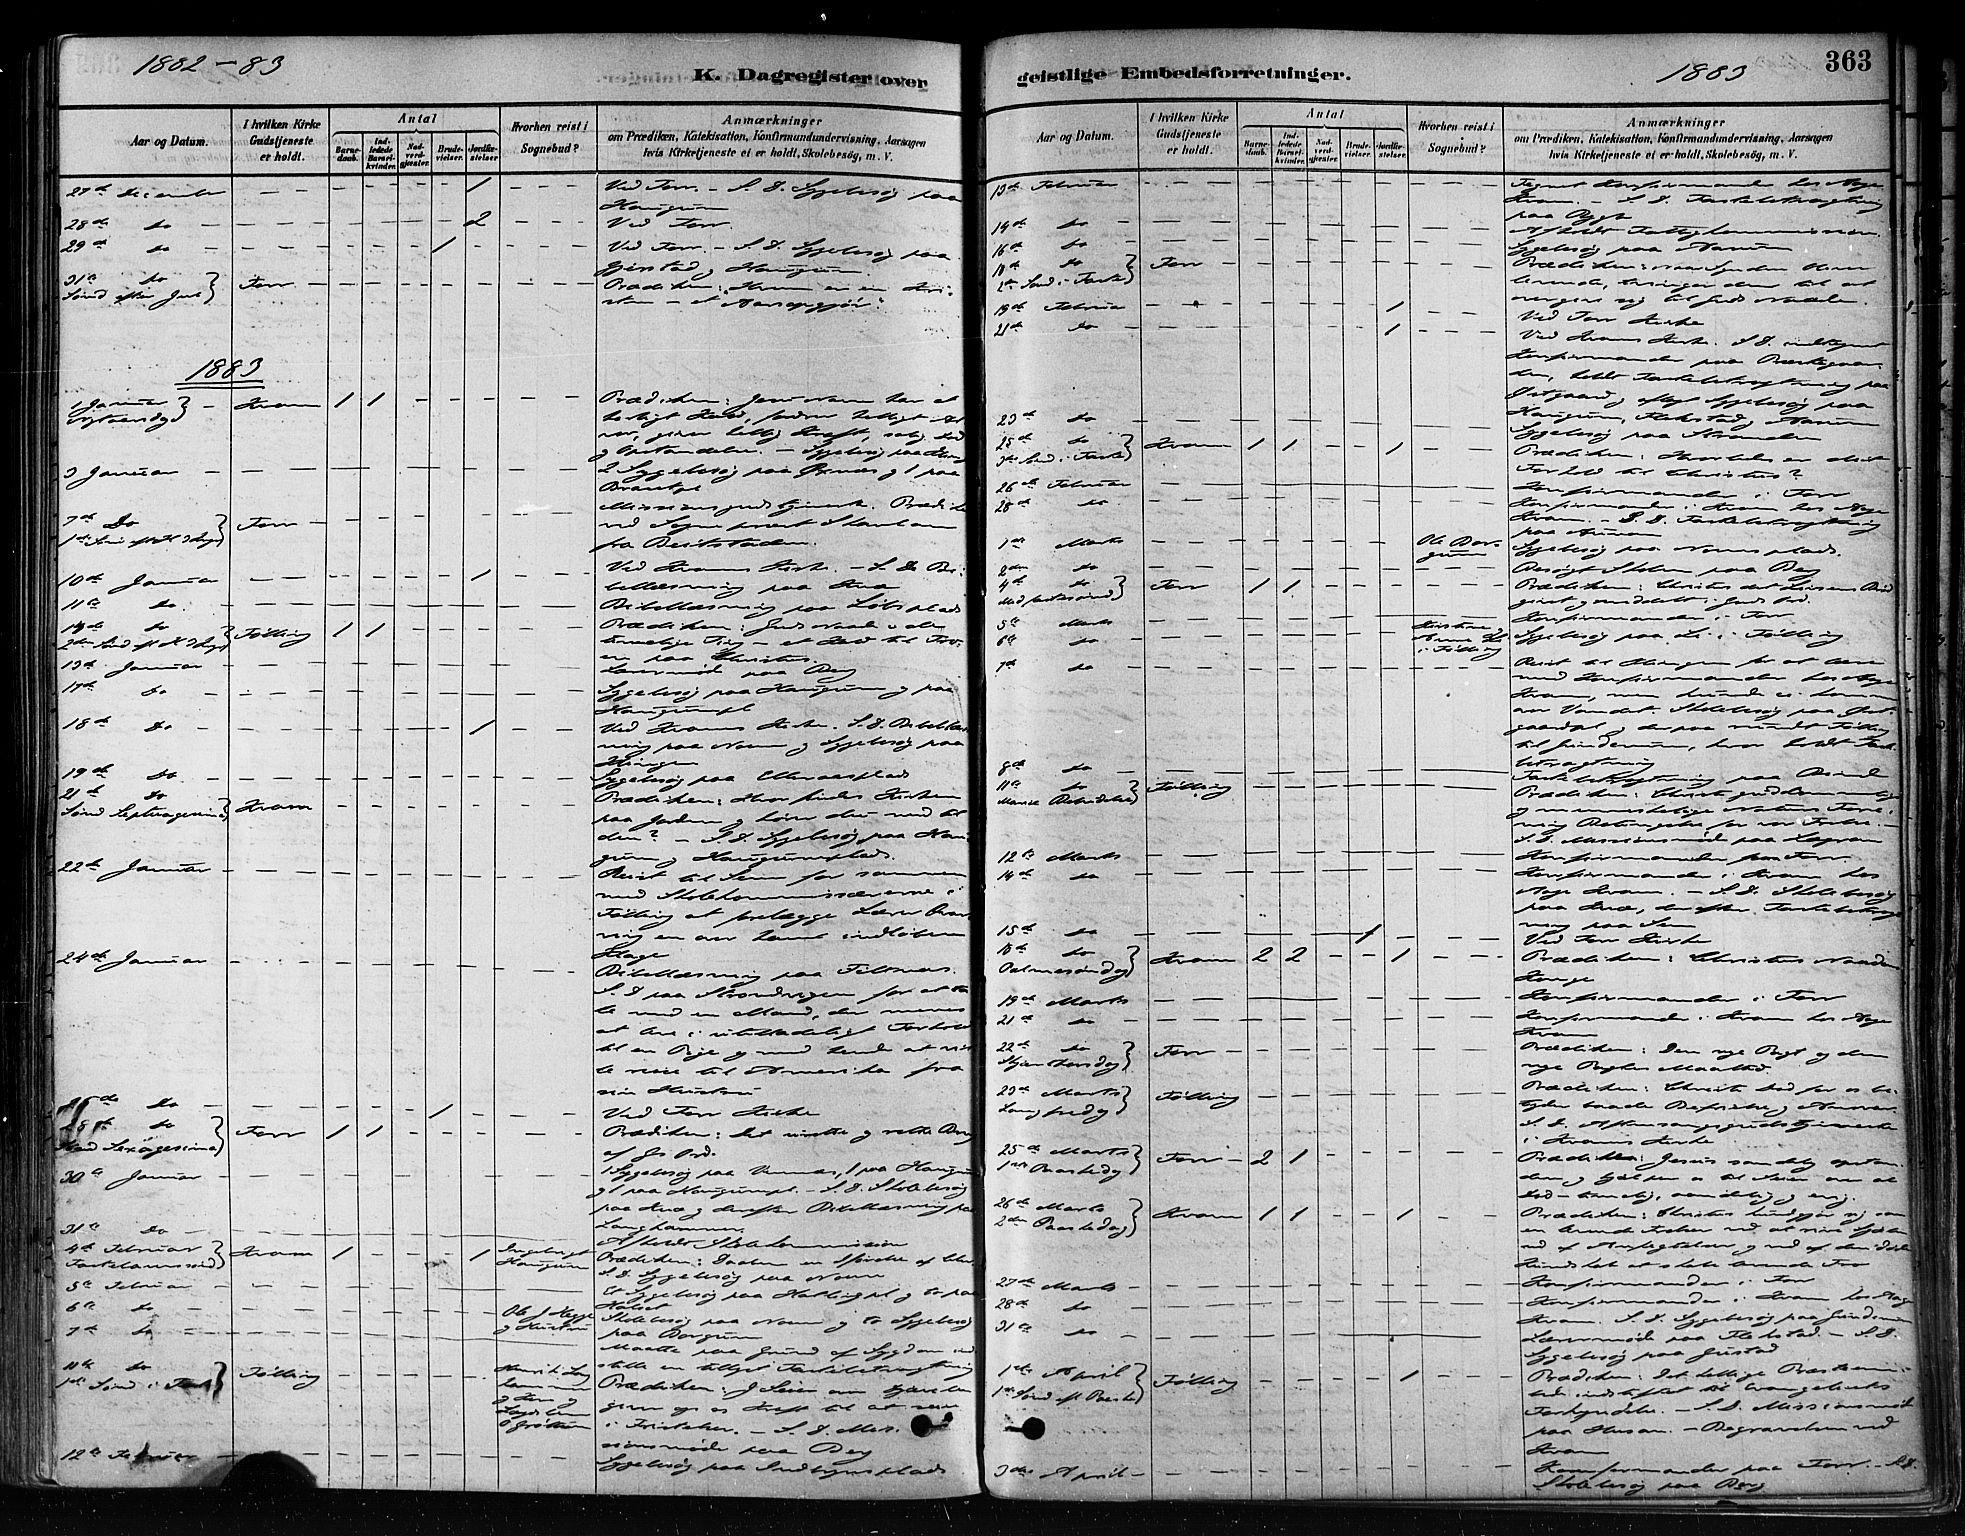 SAT, Ministerialprotokoller, klokkerbøker og fødselsregistre - Nord-Trøndelag, 746/L0448: Ministerialbok nr. 746A07 /1, 1878-1900, s. 363